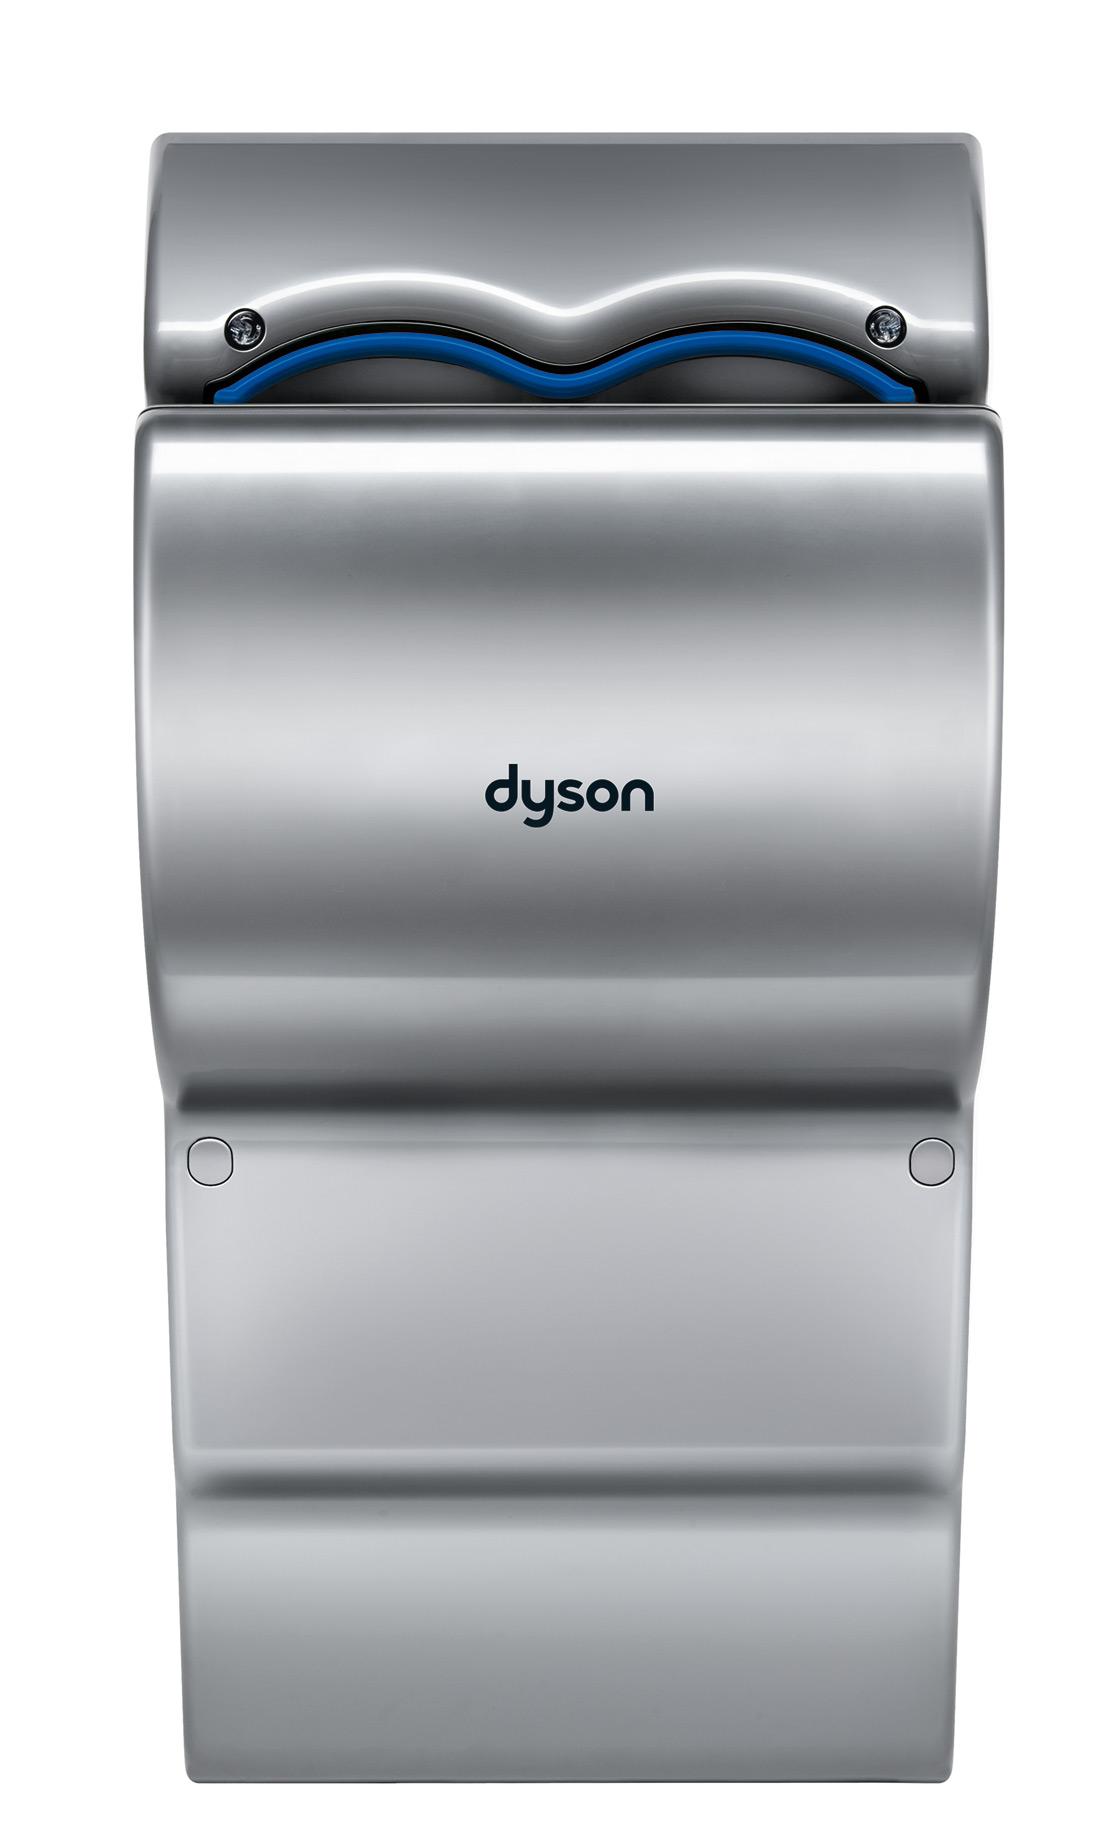 Сушилка для рук DysonСушилки для рук<br>Мощность: 1600,<br>Автоматическое включение/выключение: есть,<br>Антивандальная защита: есть,<br>Скорость потока воздуха: 192,<br>Глубина: 247,<br>Ширина: 303,<br>Высота: 661<br>